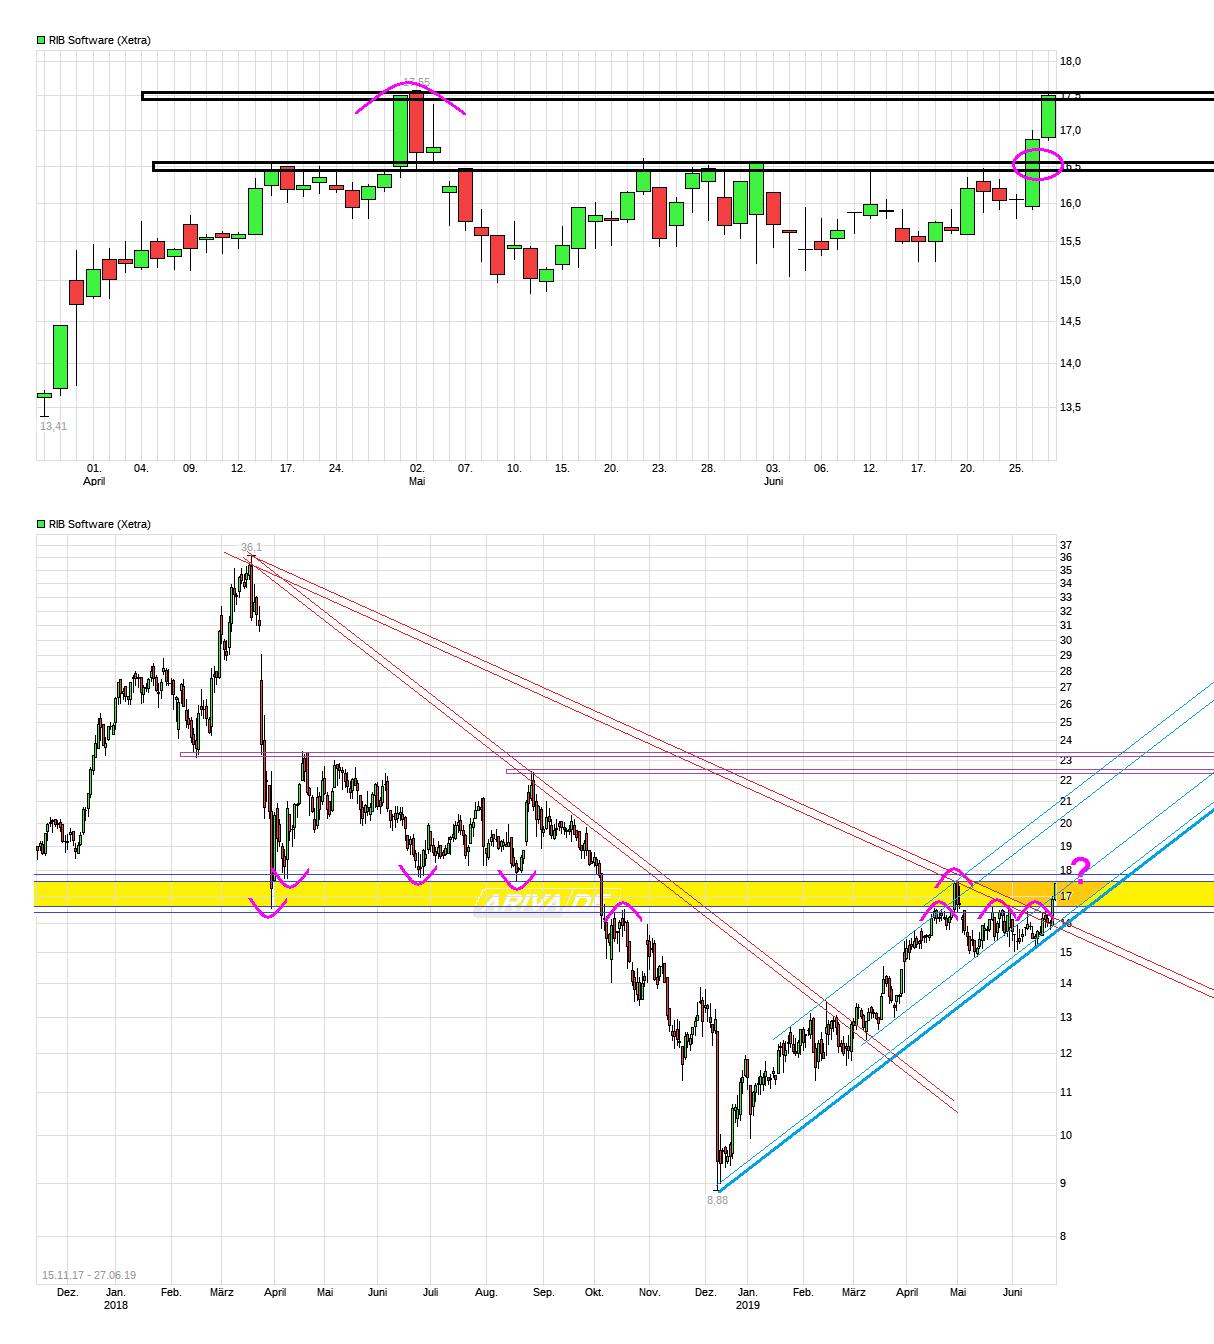 chart_quarter_ribsoftware_(2).png